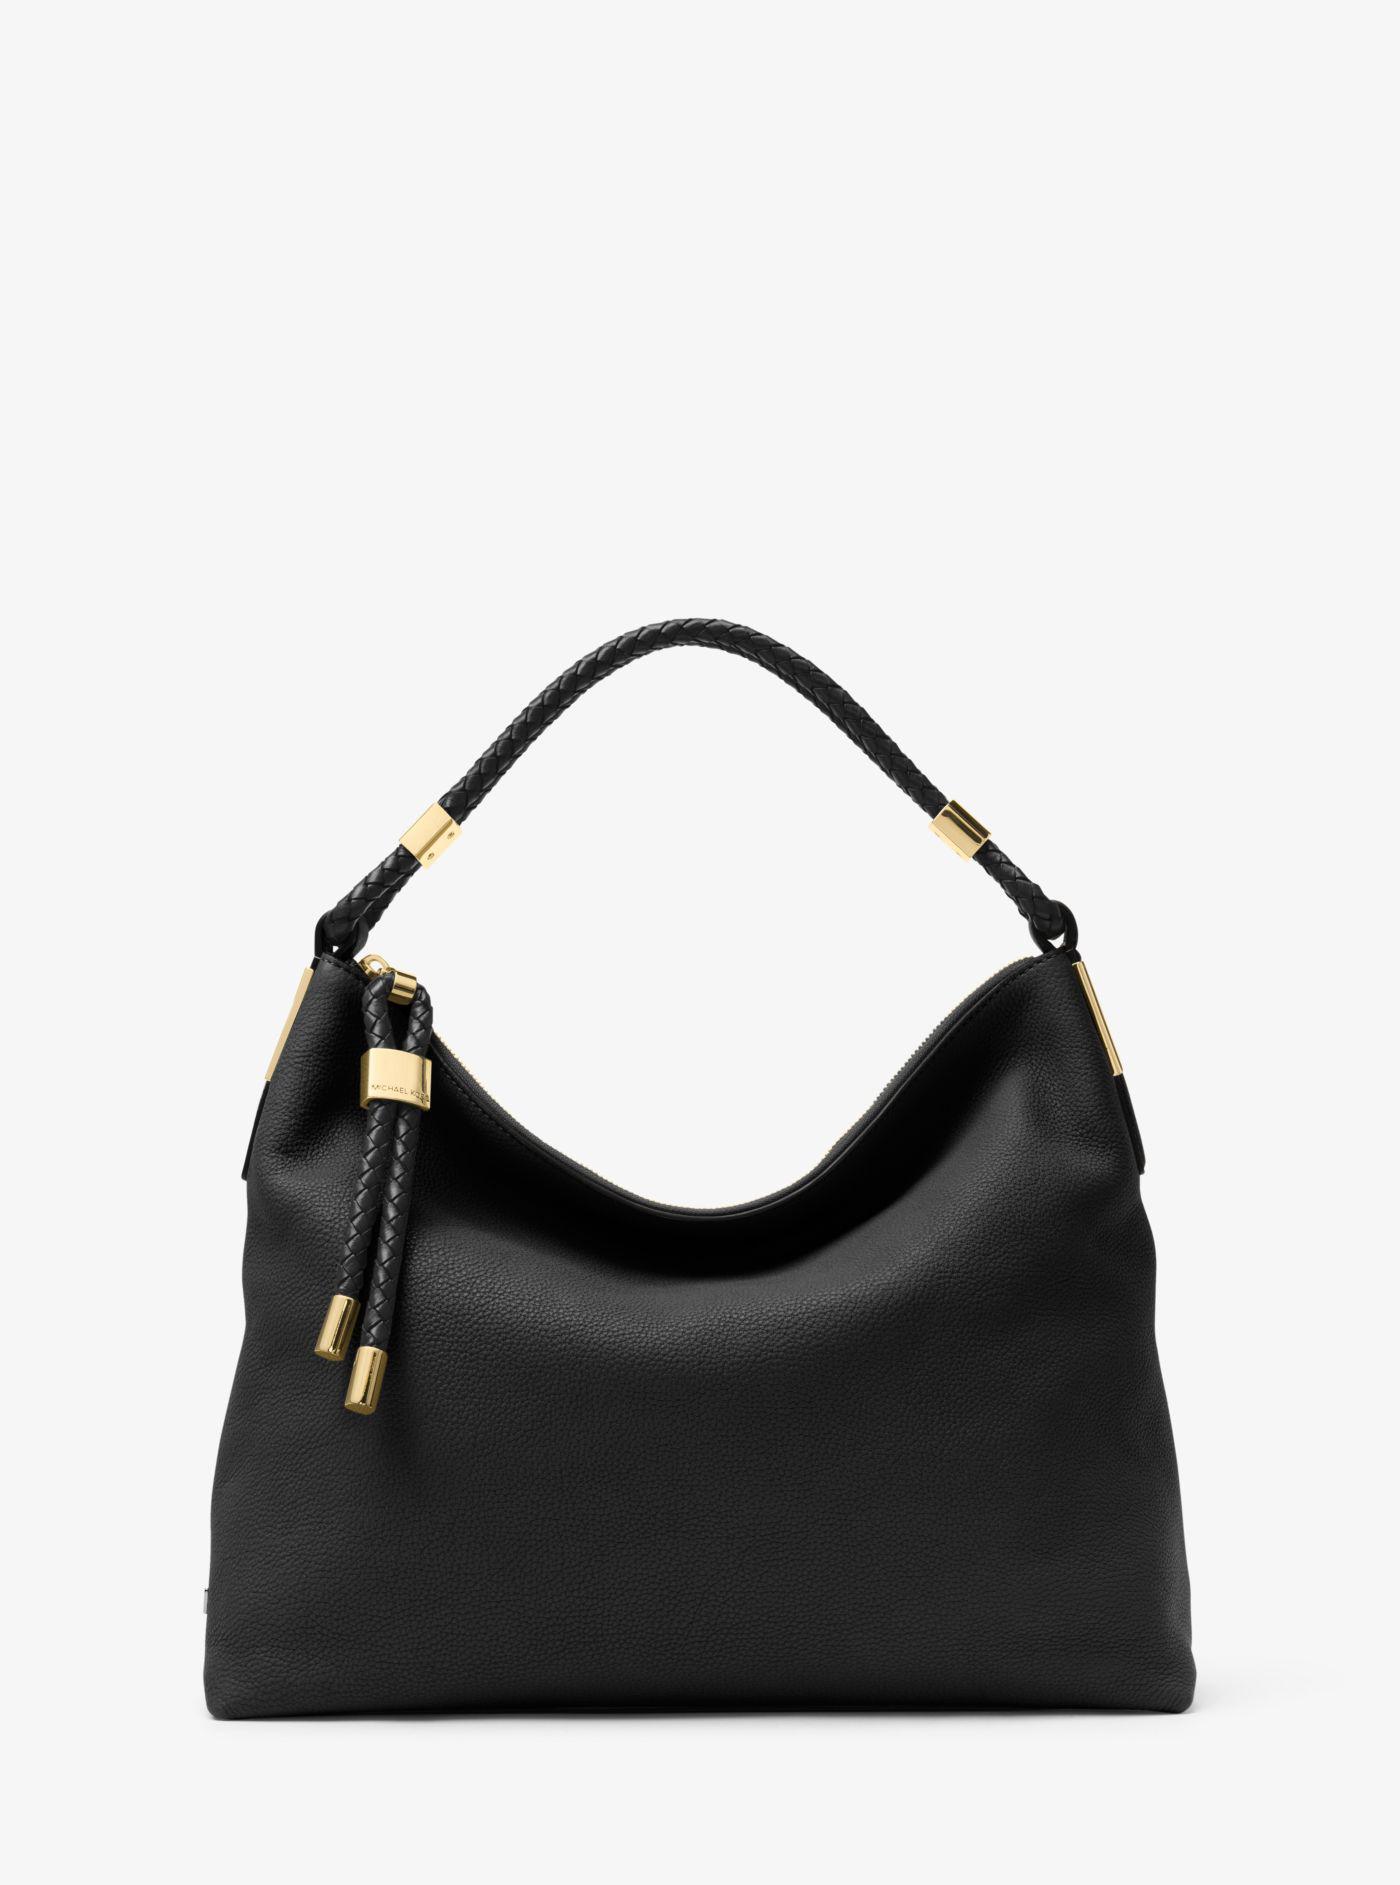 6f8868839837 Lyst - Michael Kors Skorpios Large Leather Shoulder Bag in Black